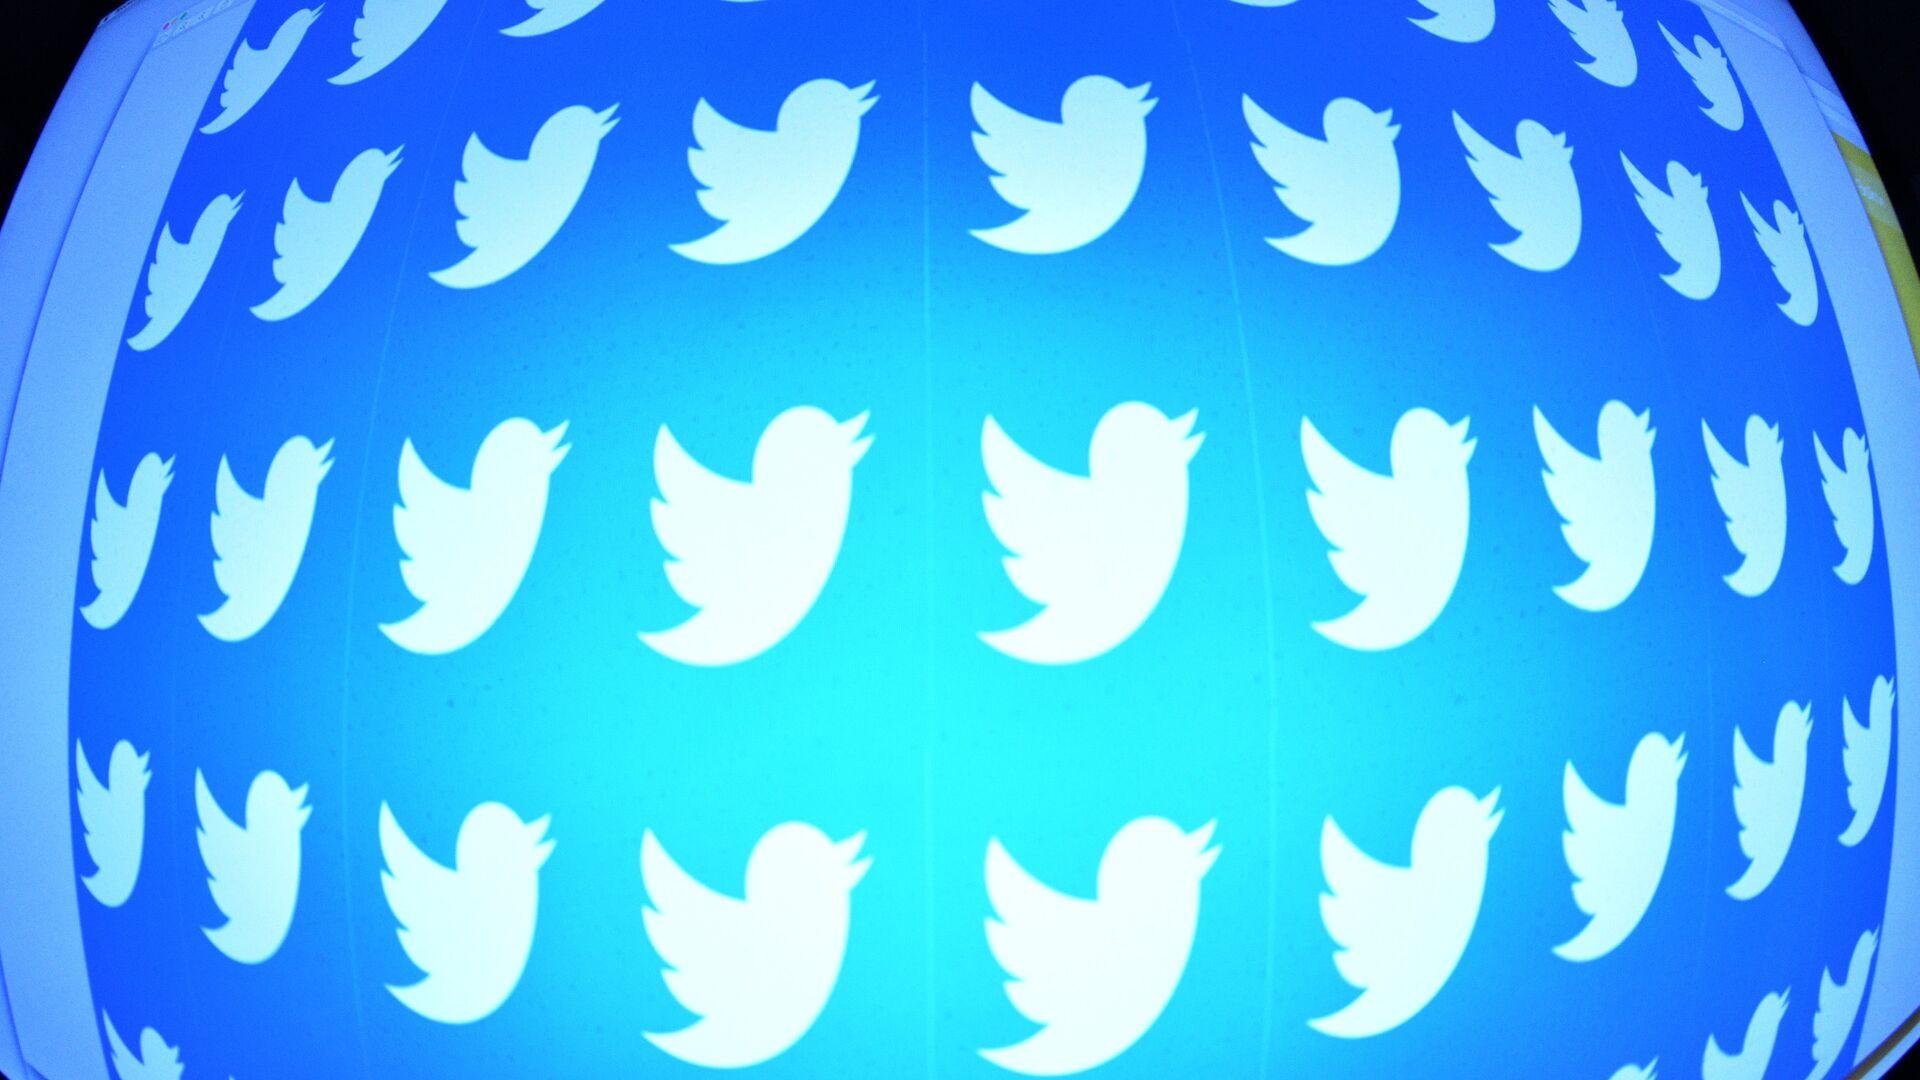 Twitter во Франции обжаловал решение суда о борьбе с разжиганием ненависти